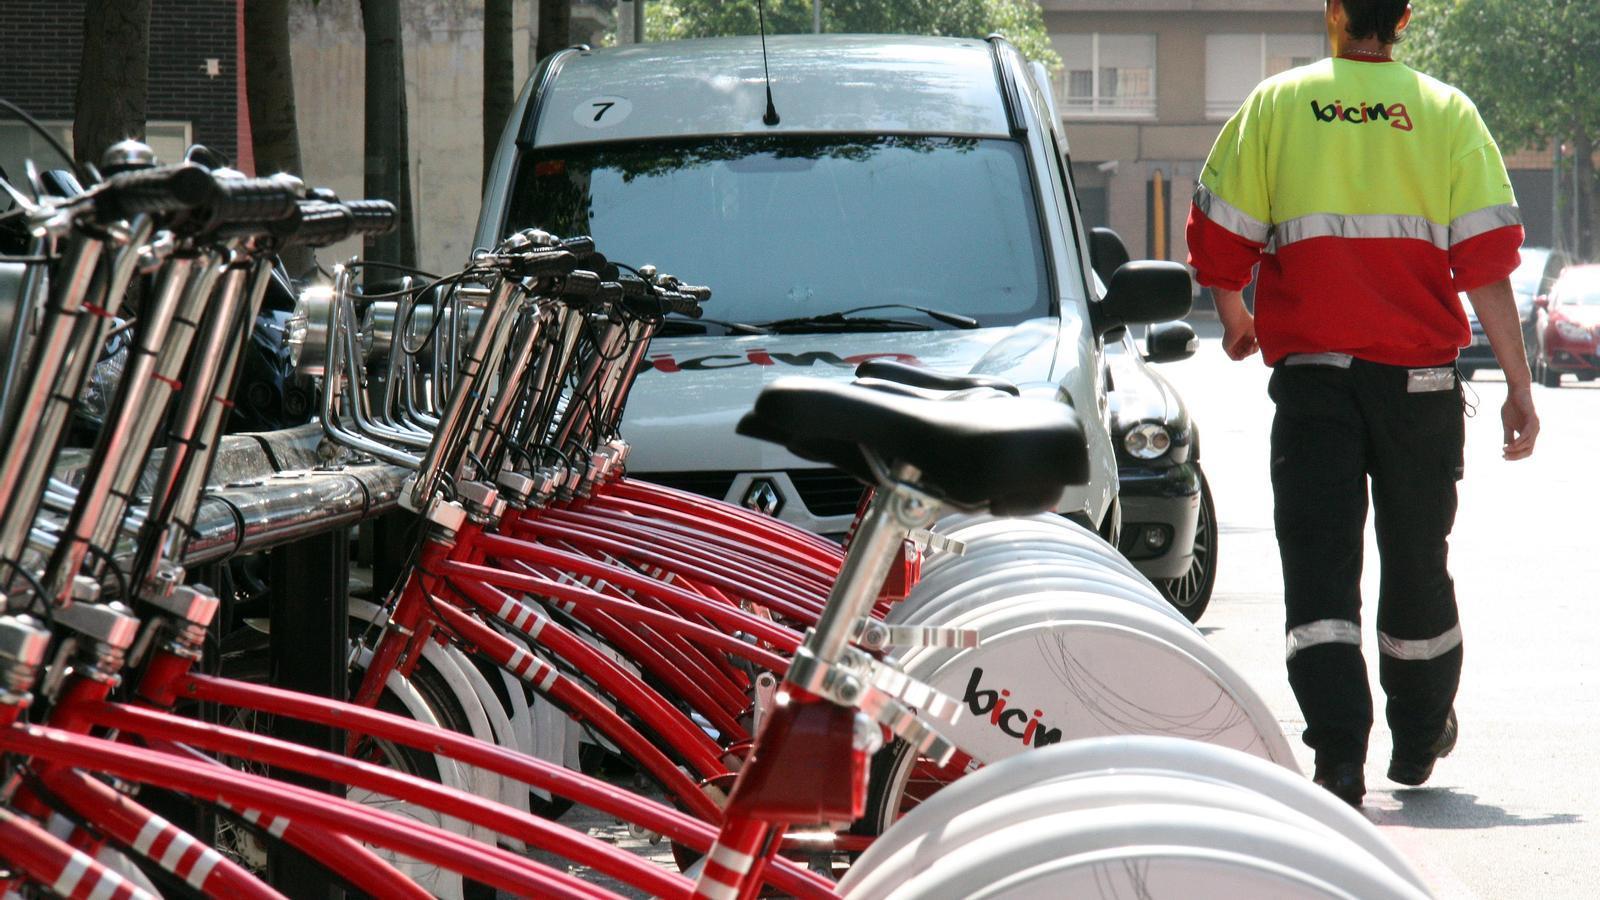 Barcelona proposa un Bicing amb més bicis elèctriques que funcioni les 24 hores del dia